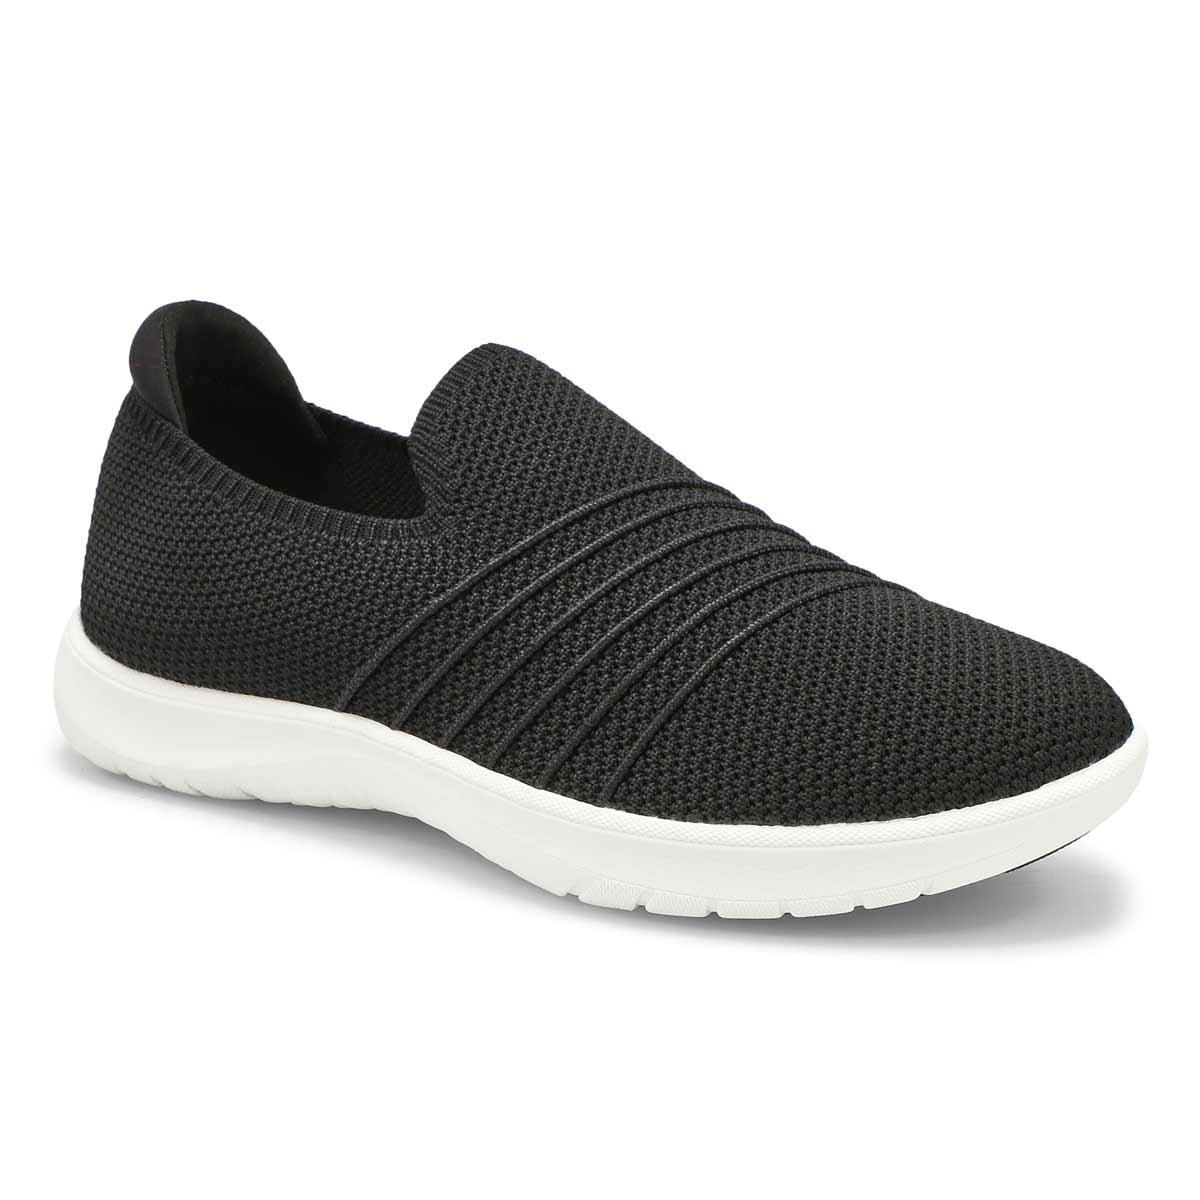 Women's Adella Step Slip On Wide Sneaker - Black